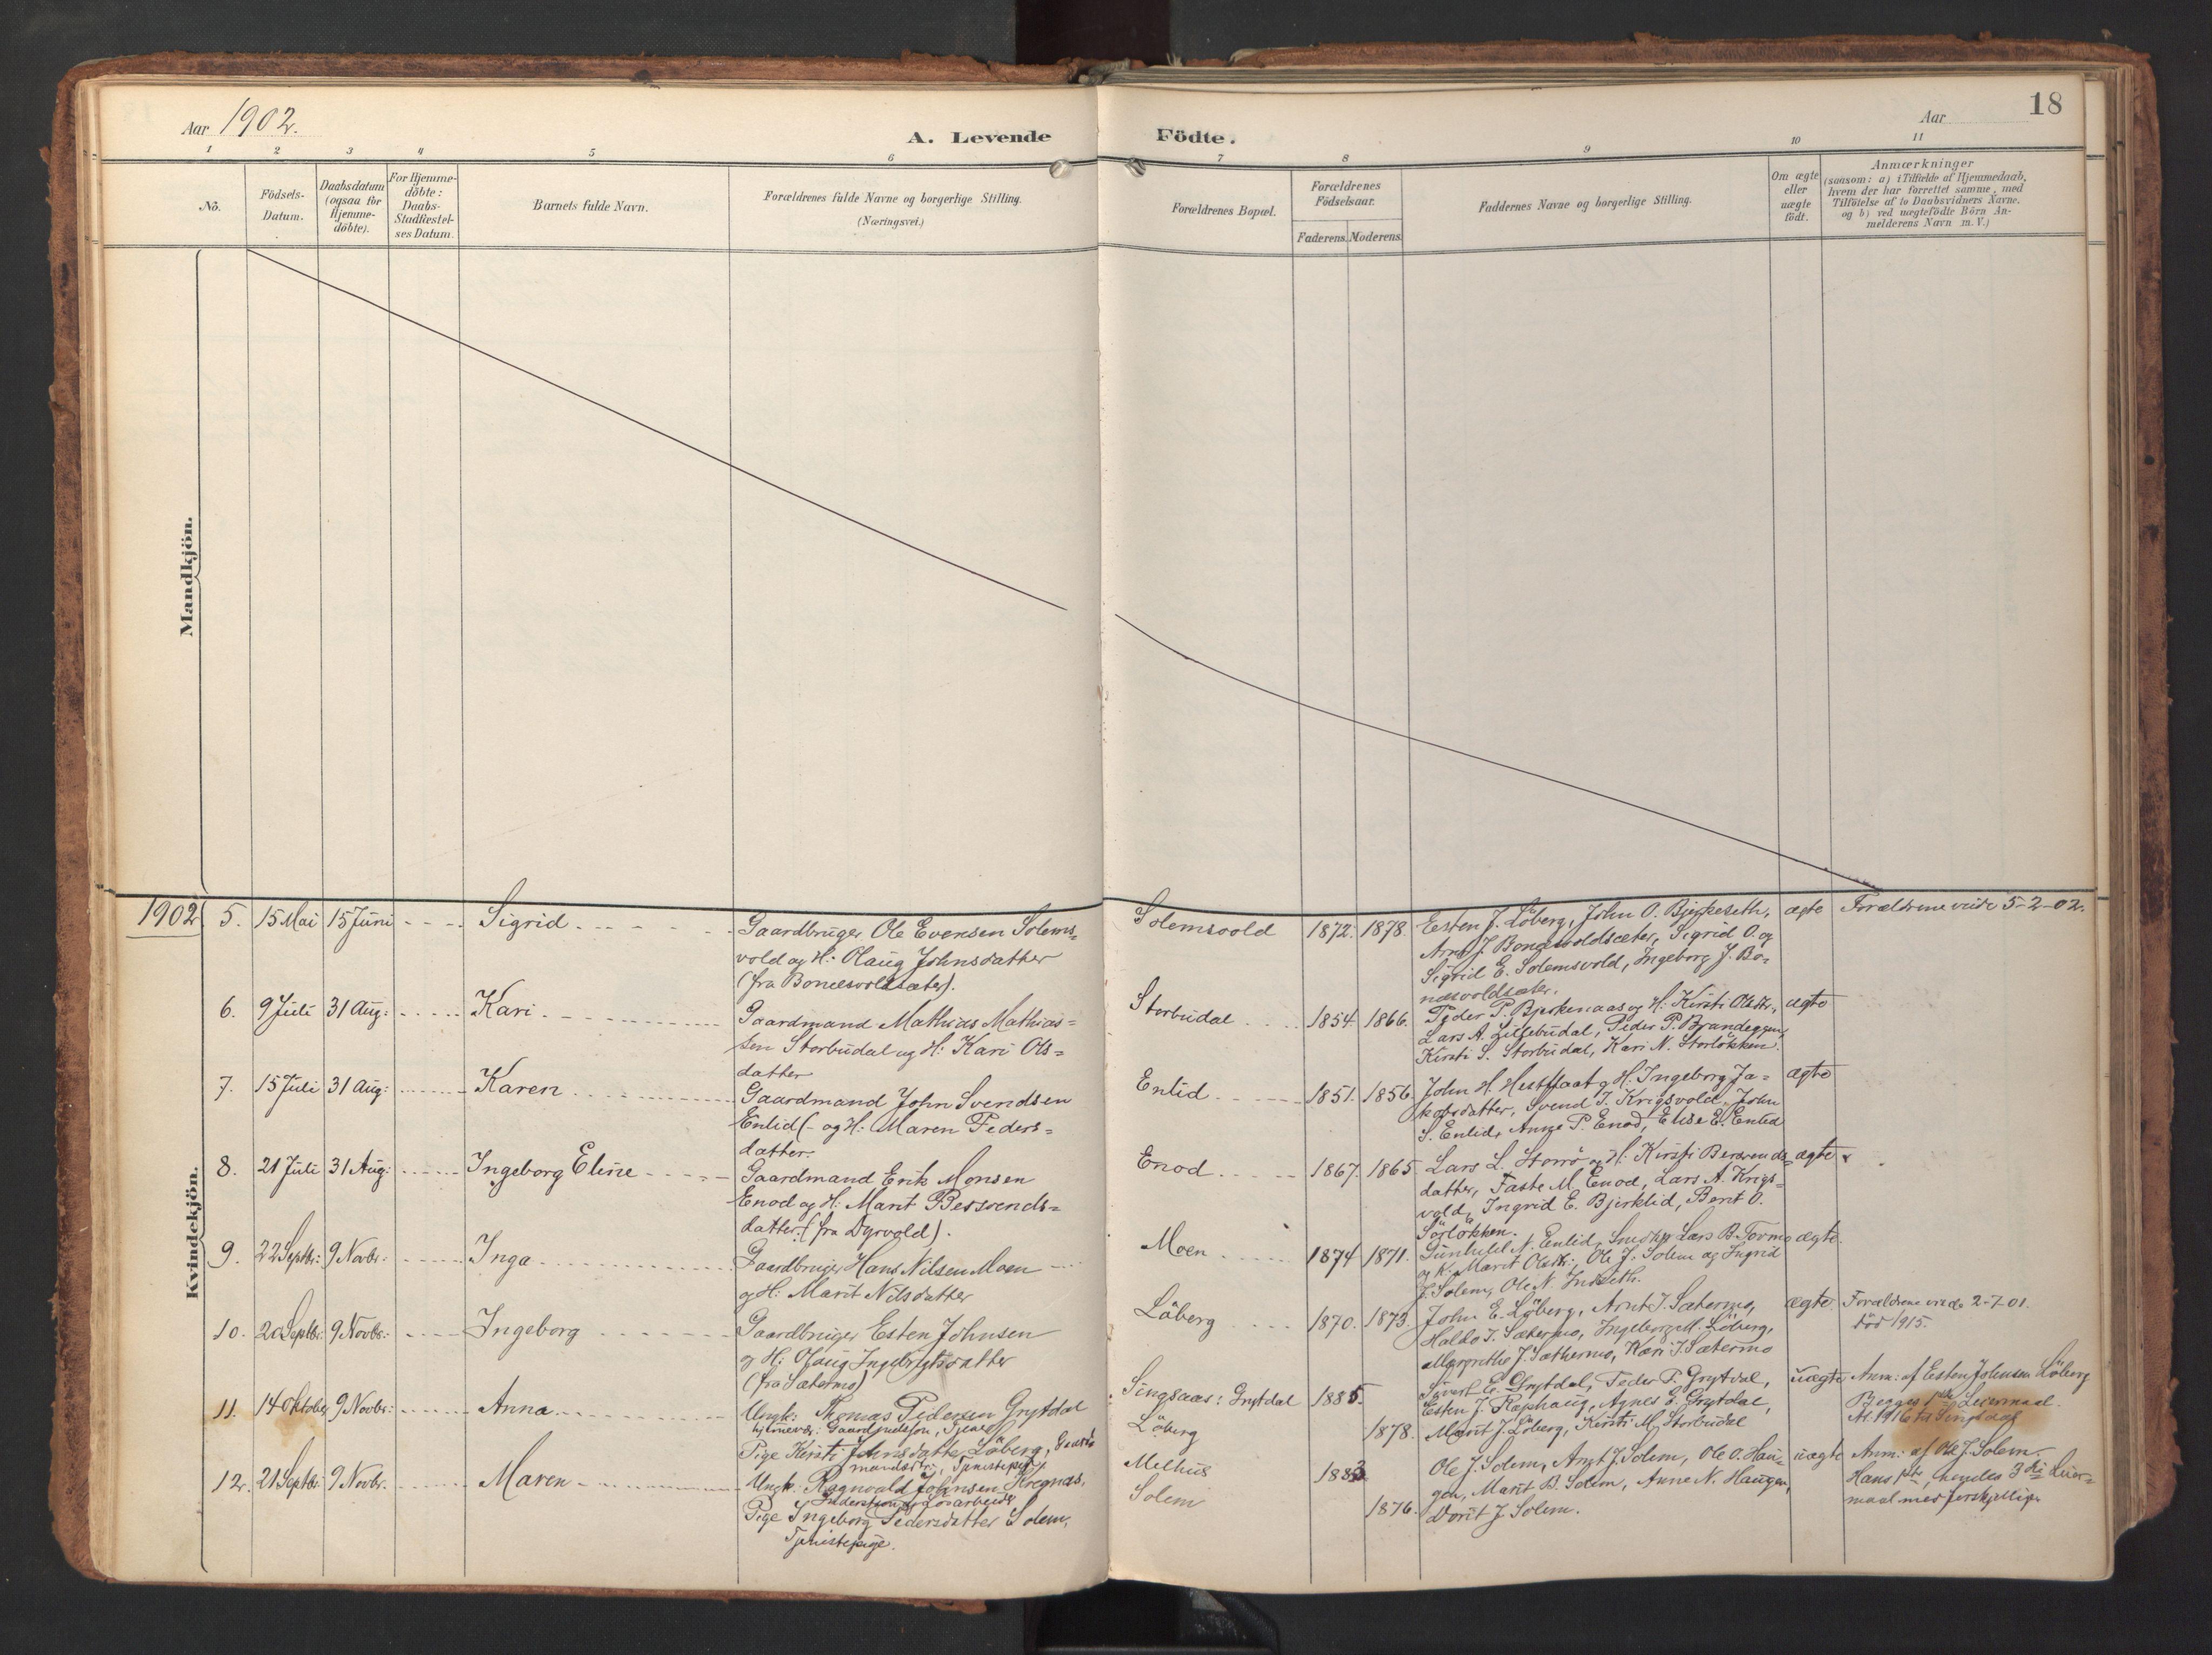 SAT, Ministerialprotokoller, klokkerbøker og fødselsregistre - Sør-Trøndelag, 690/L1050: Ministerialbok nr. 690A01, 1889-1929, s. 18